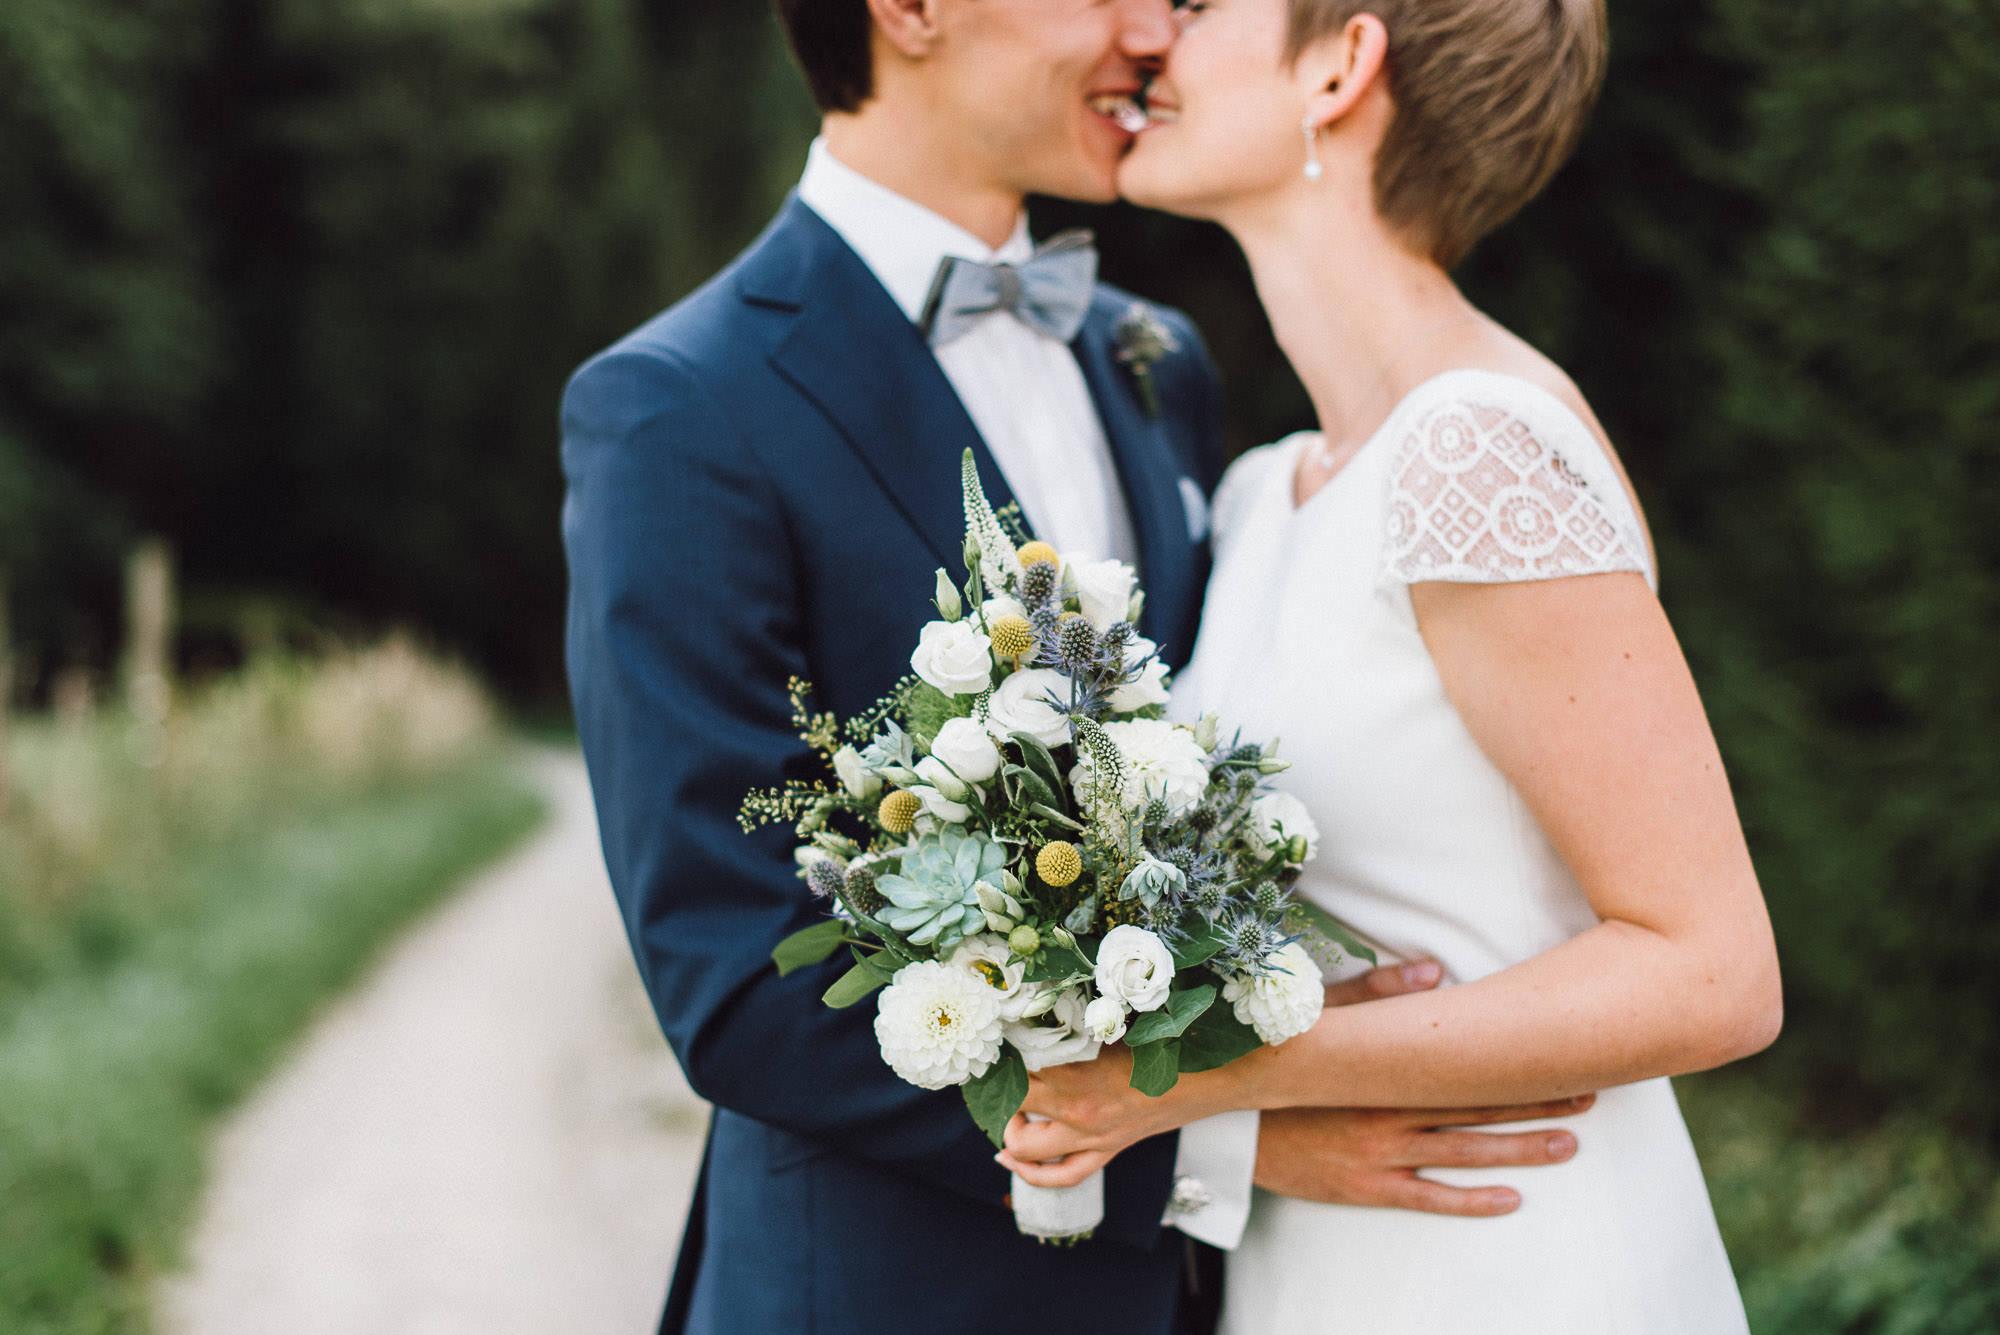 greenery-wedding-hochzeit-prielhof-sukkulenten-scheyern-lauraelenaphotography-022